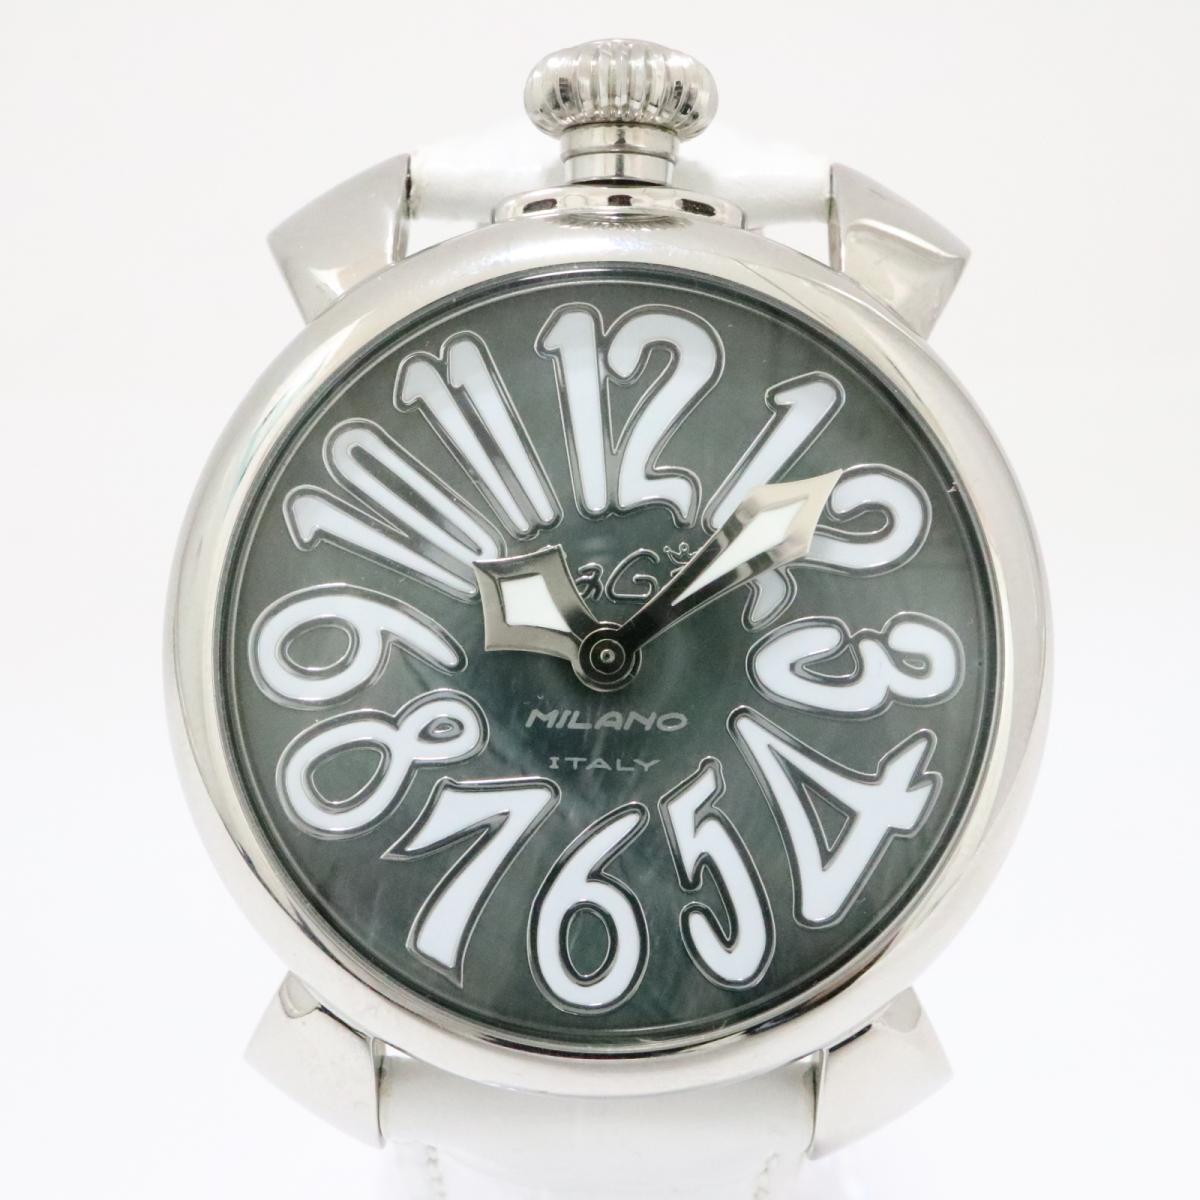 new concept d5d44 55719 中古】ガガミラノ マヌアーレ40 腕時計 時計 レディース ...